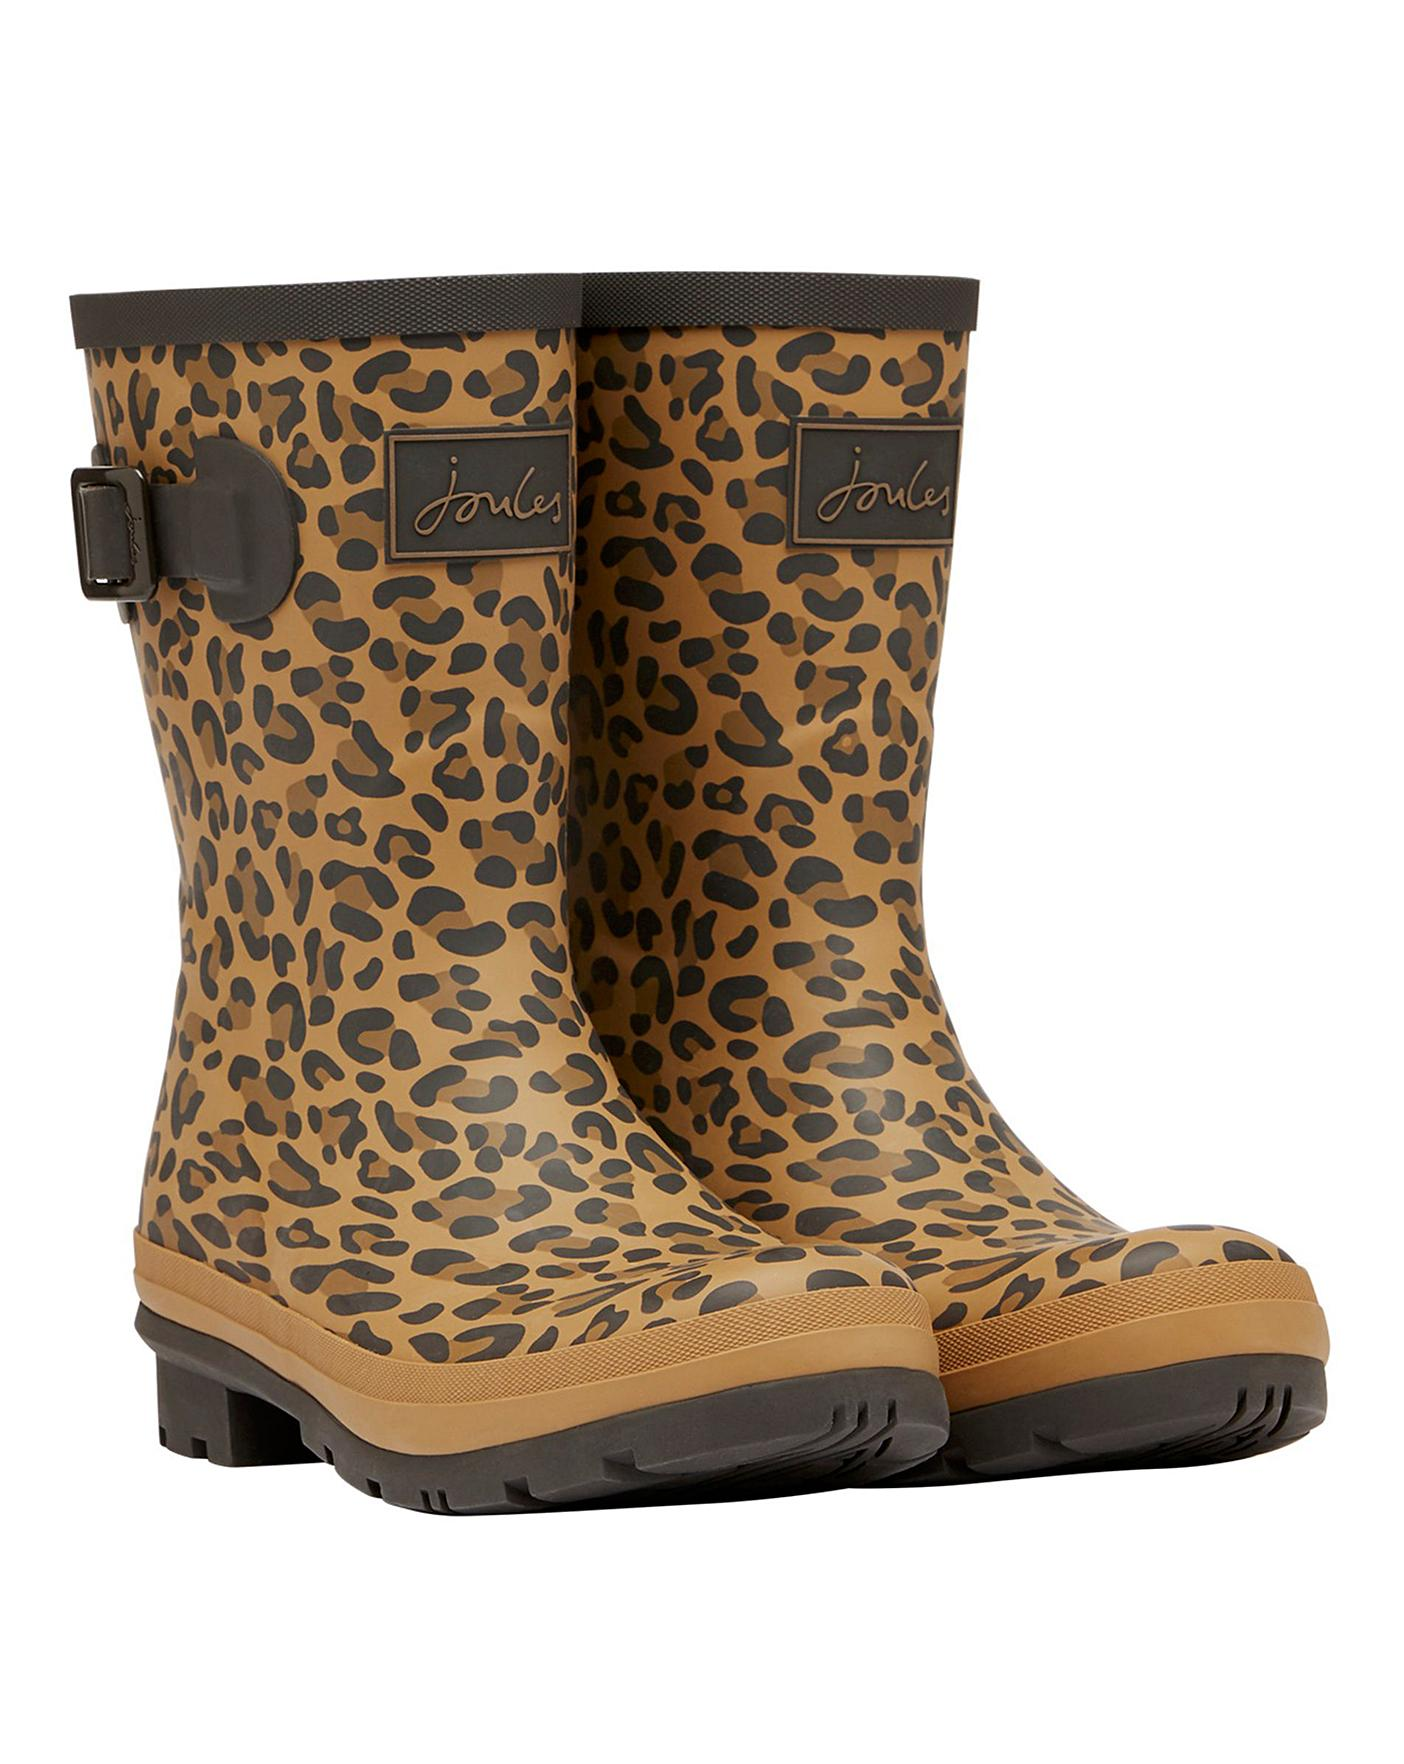 joules leopard print shoes